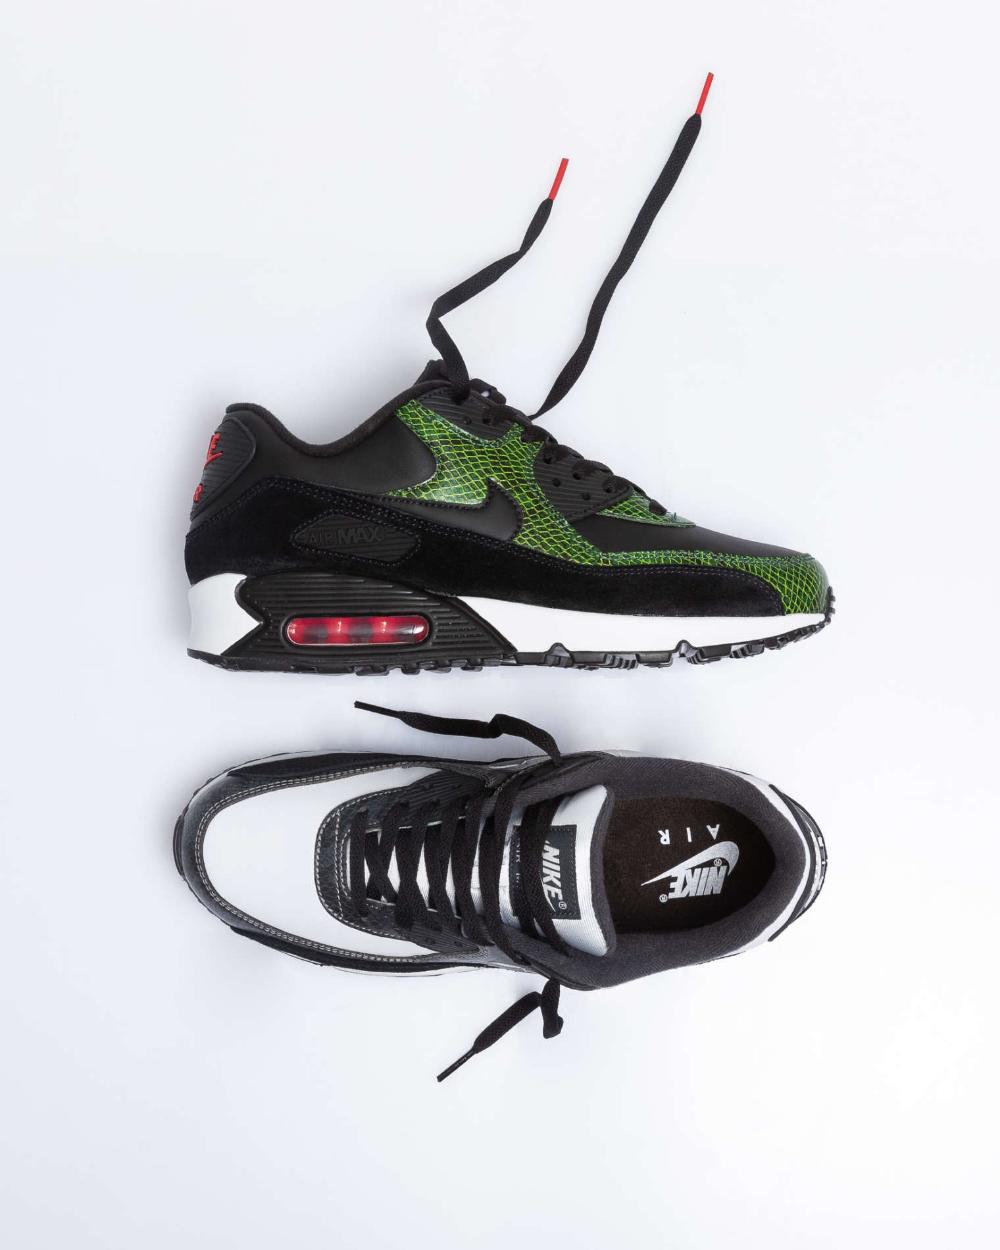 Nike Air Max 90 QS 'Python Pack' | Nike air max, Air max 90